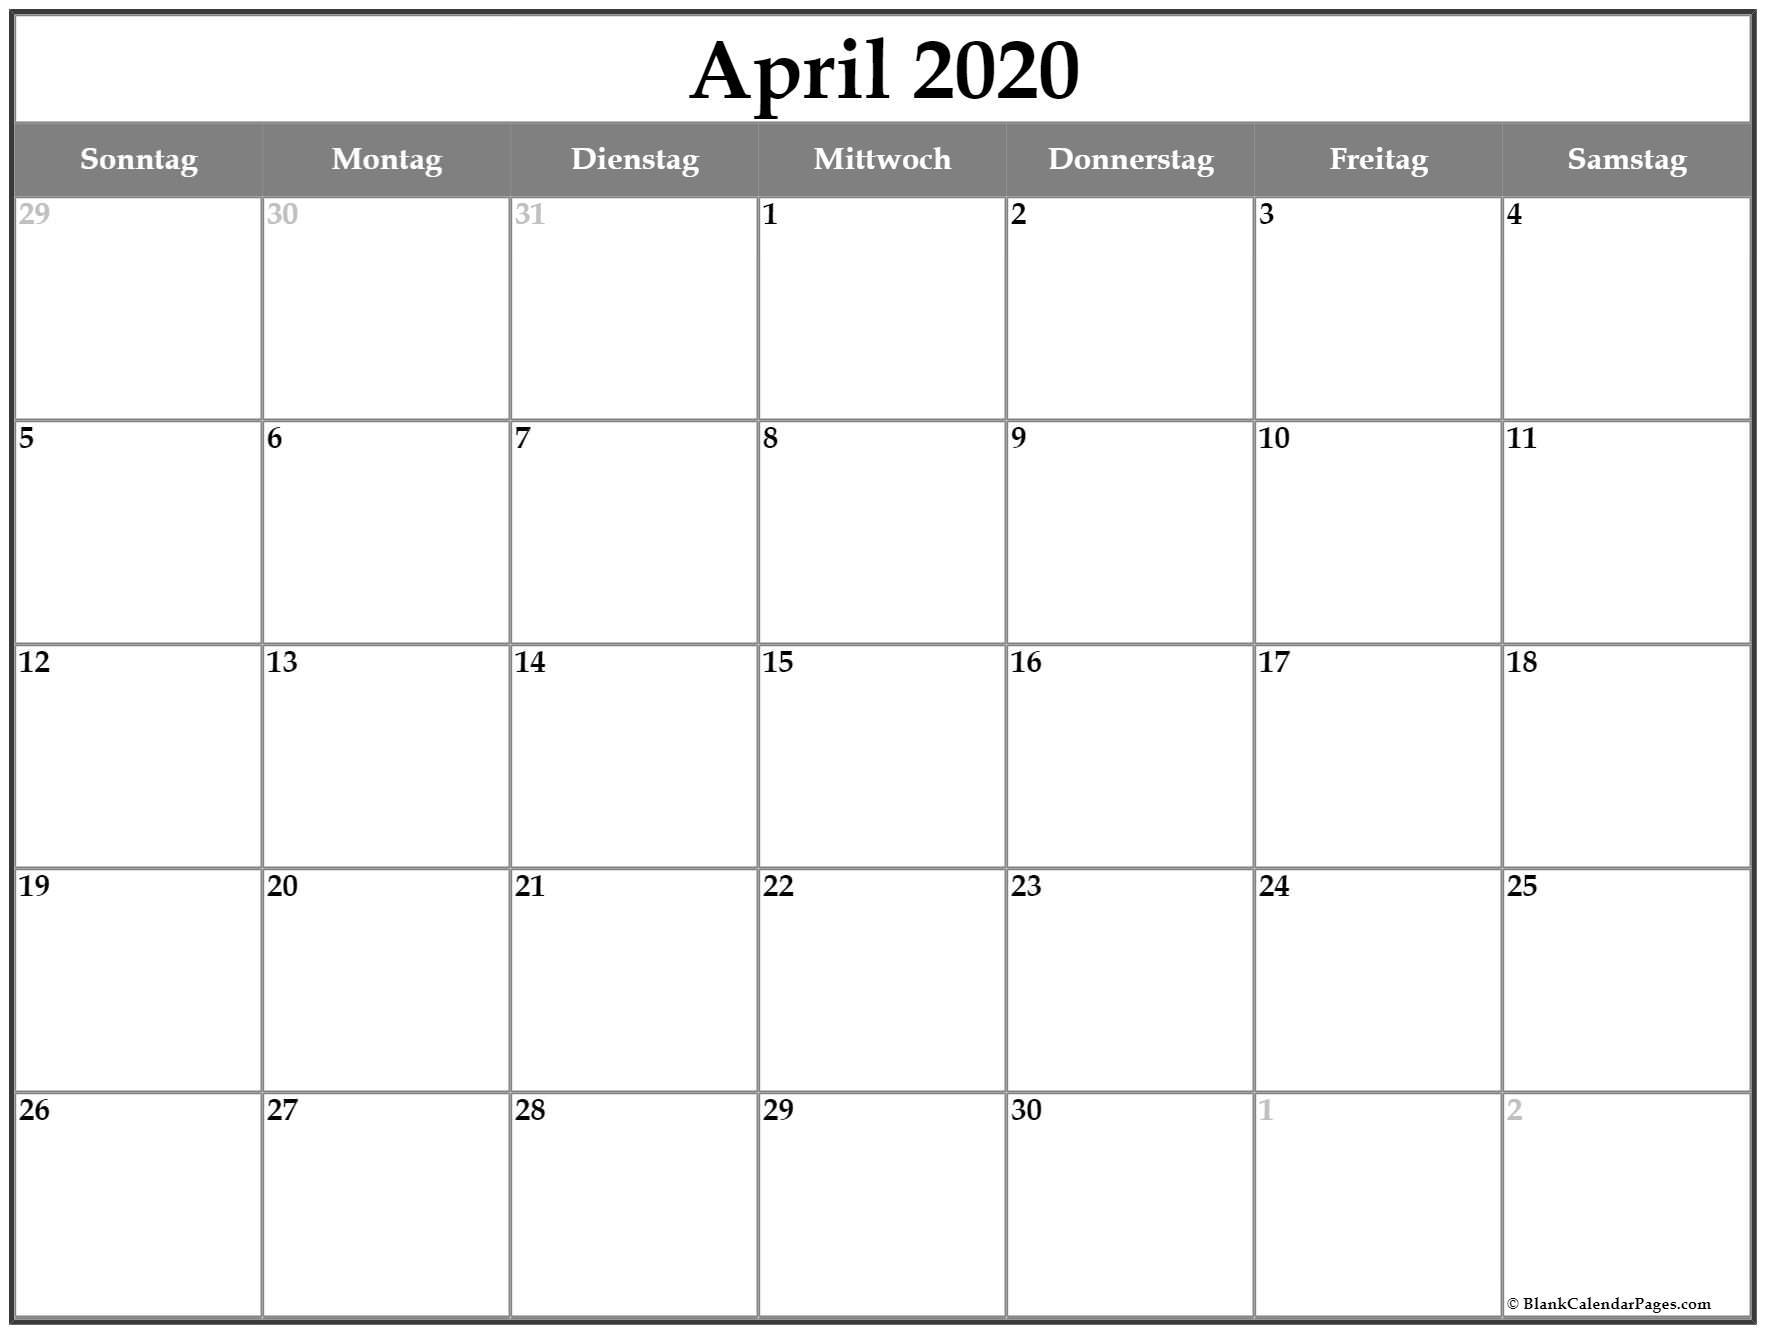 April 2020 Kalender | Kalender 2020